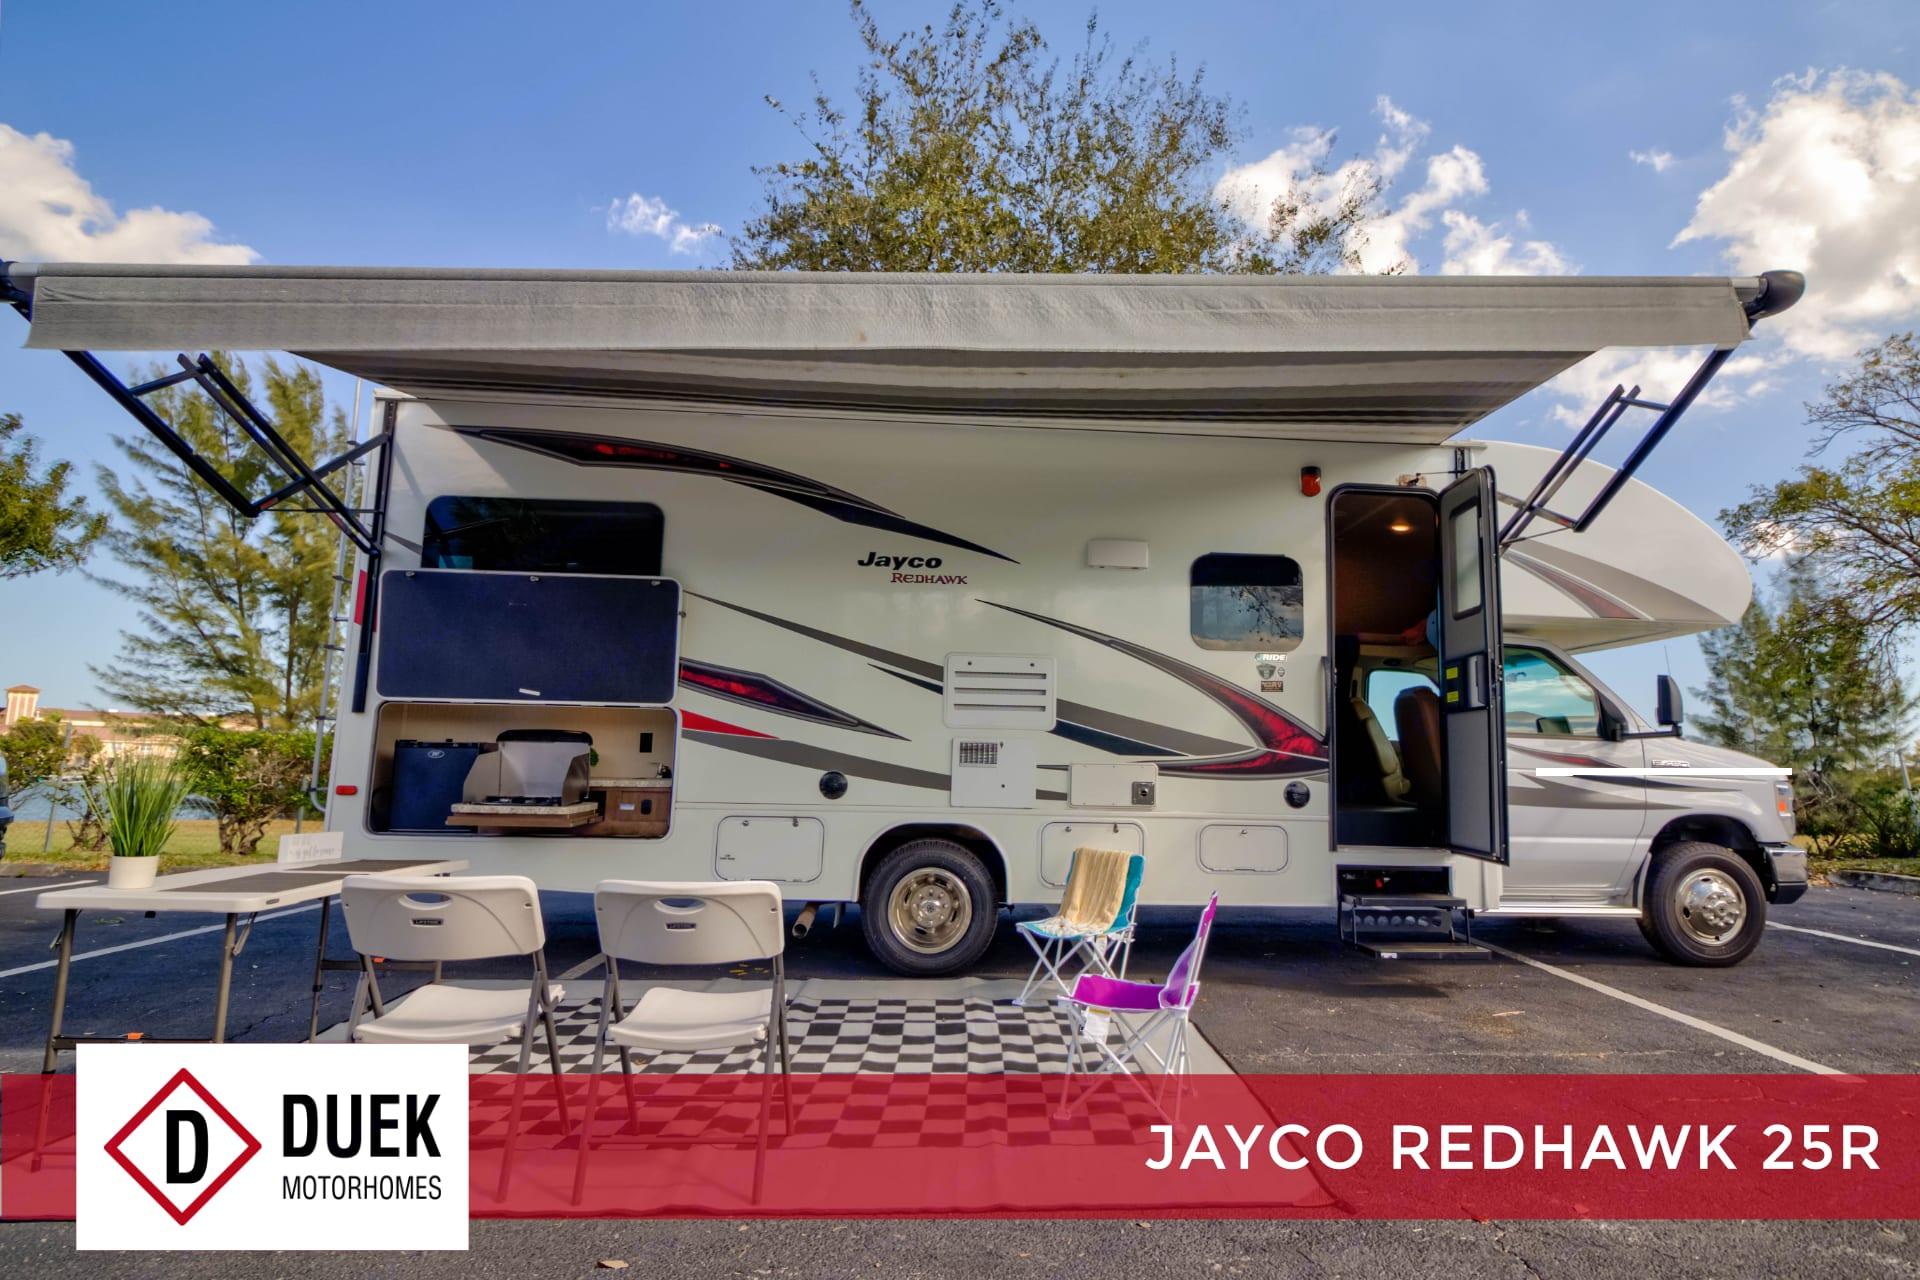 Jayco Redhawk 25R 2018